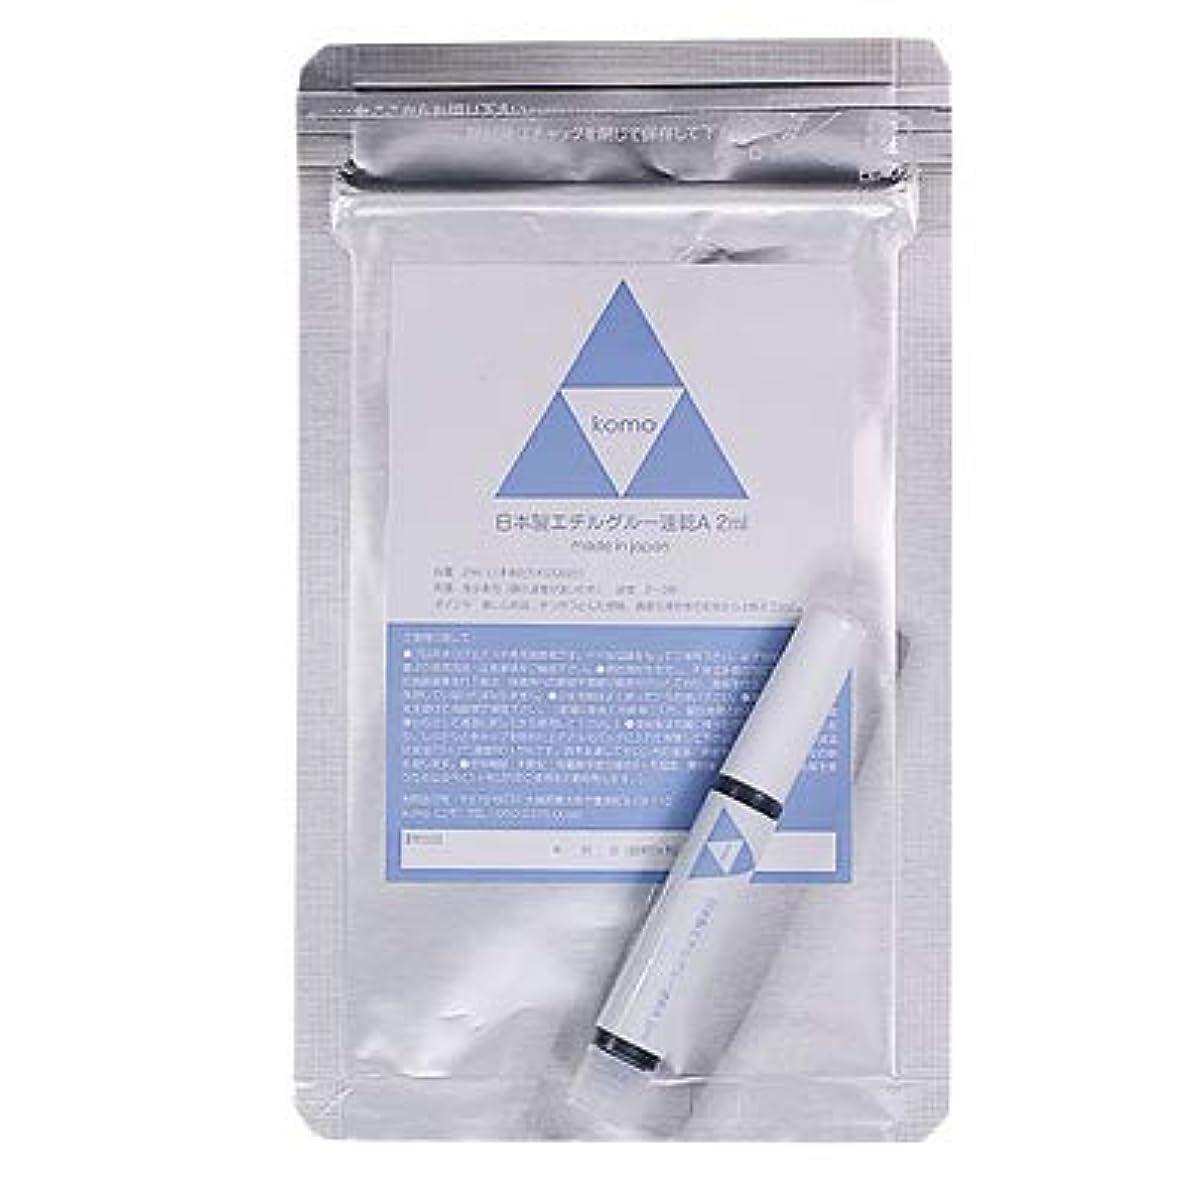 超速乾 タイプ マツエク まつげエクステ グルー komo (コモ) 日本製 エチル グルー 速乾 A 2ml